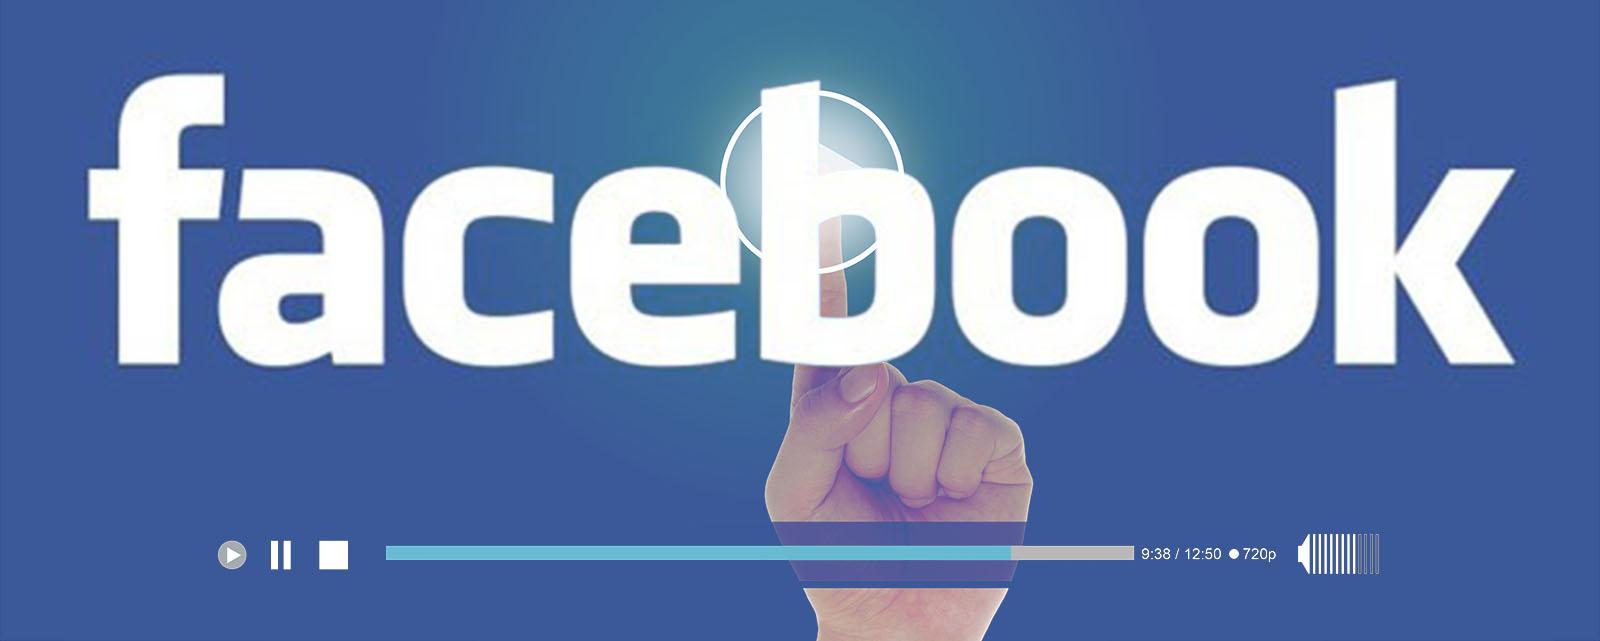 facebook  o fazer download dos v deos publicados na